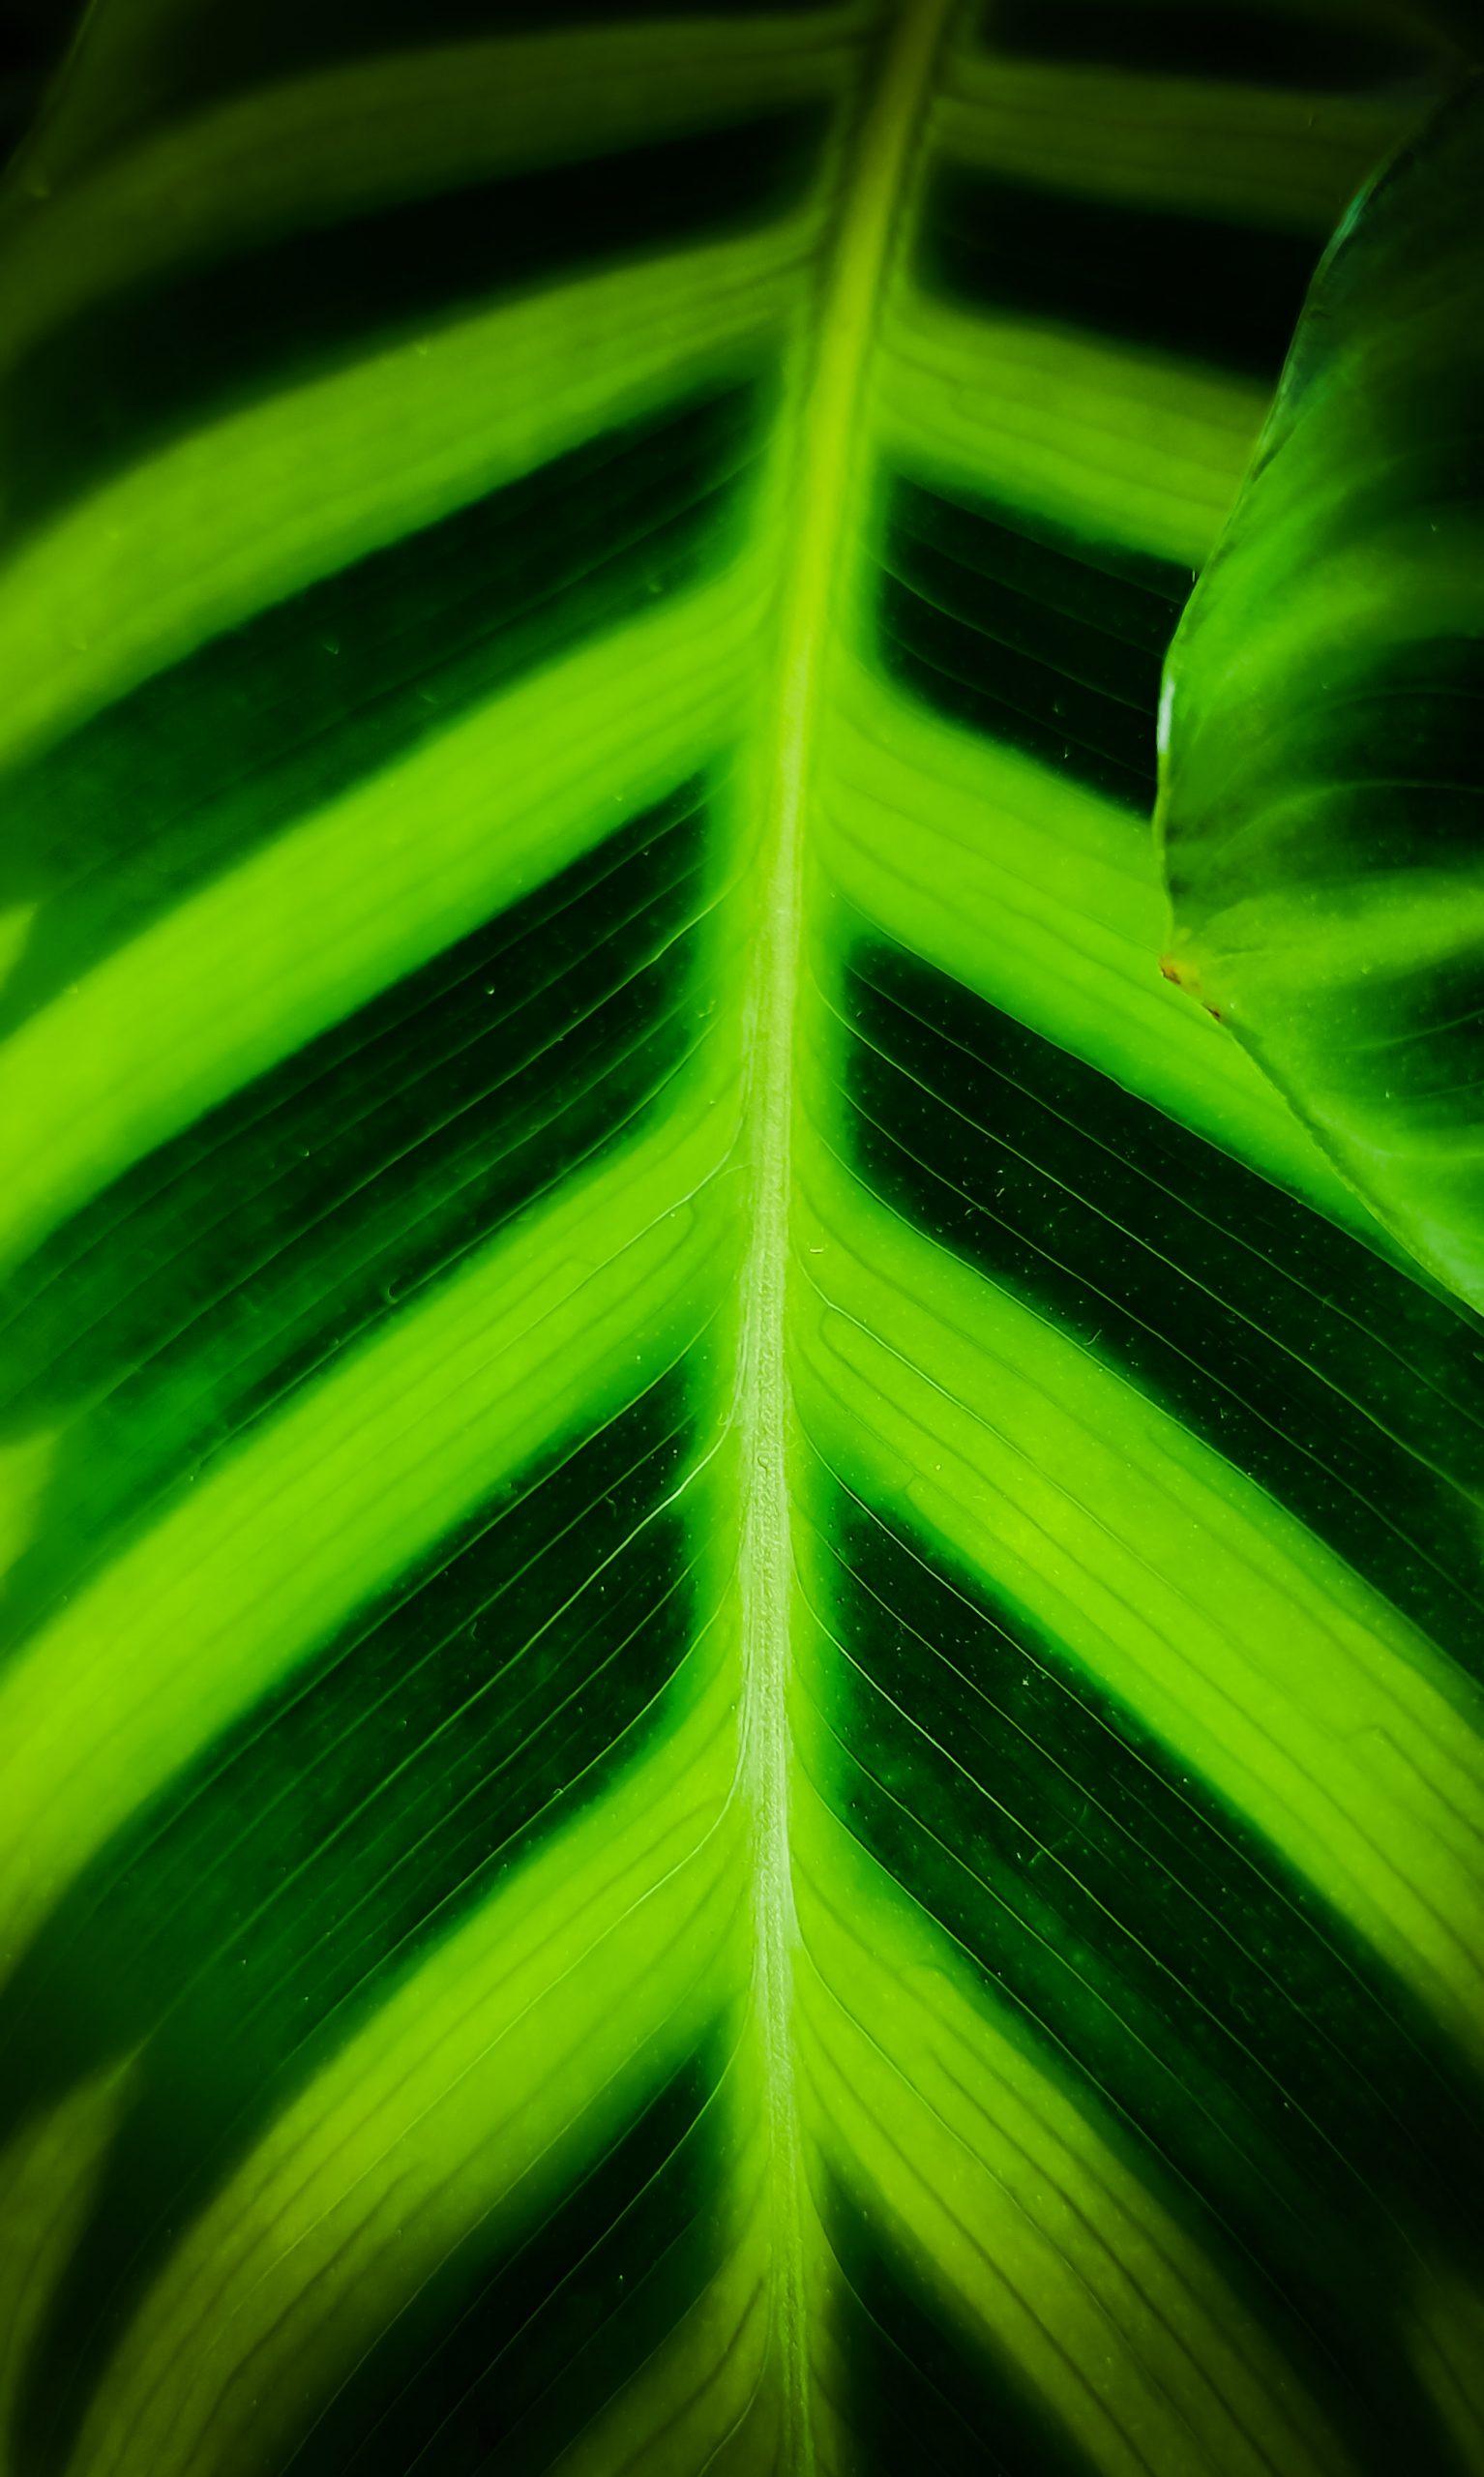 Macro view of leaf